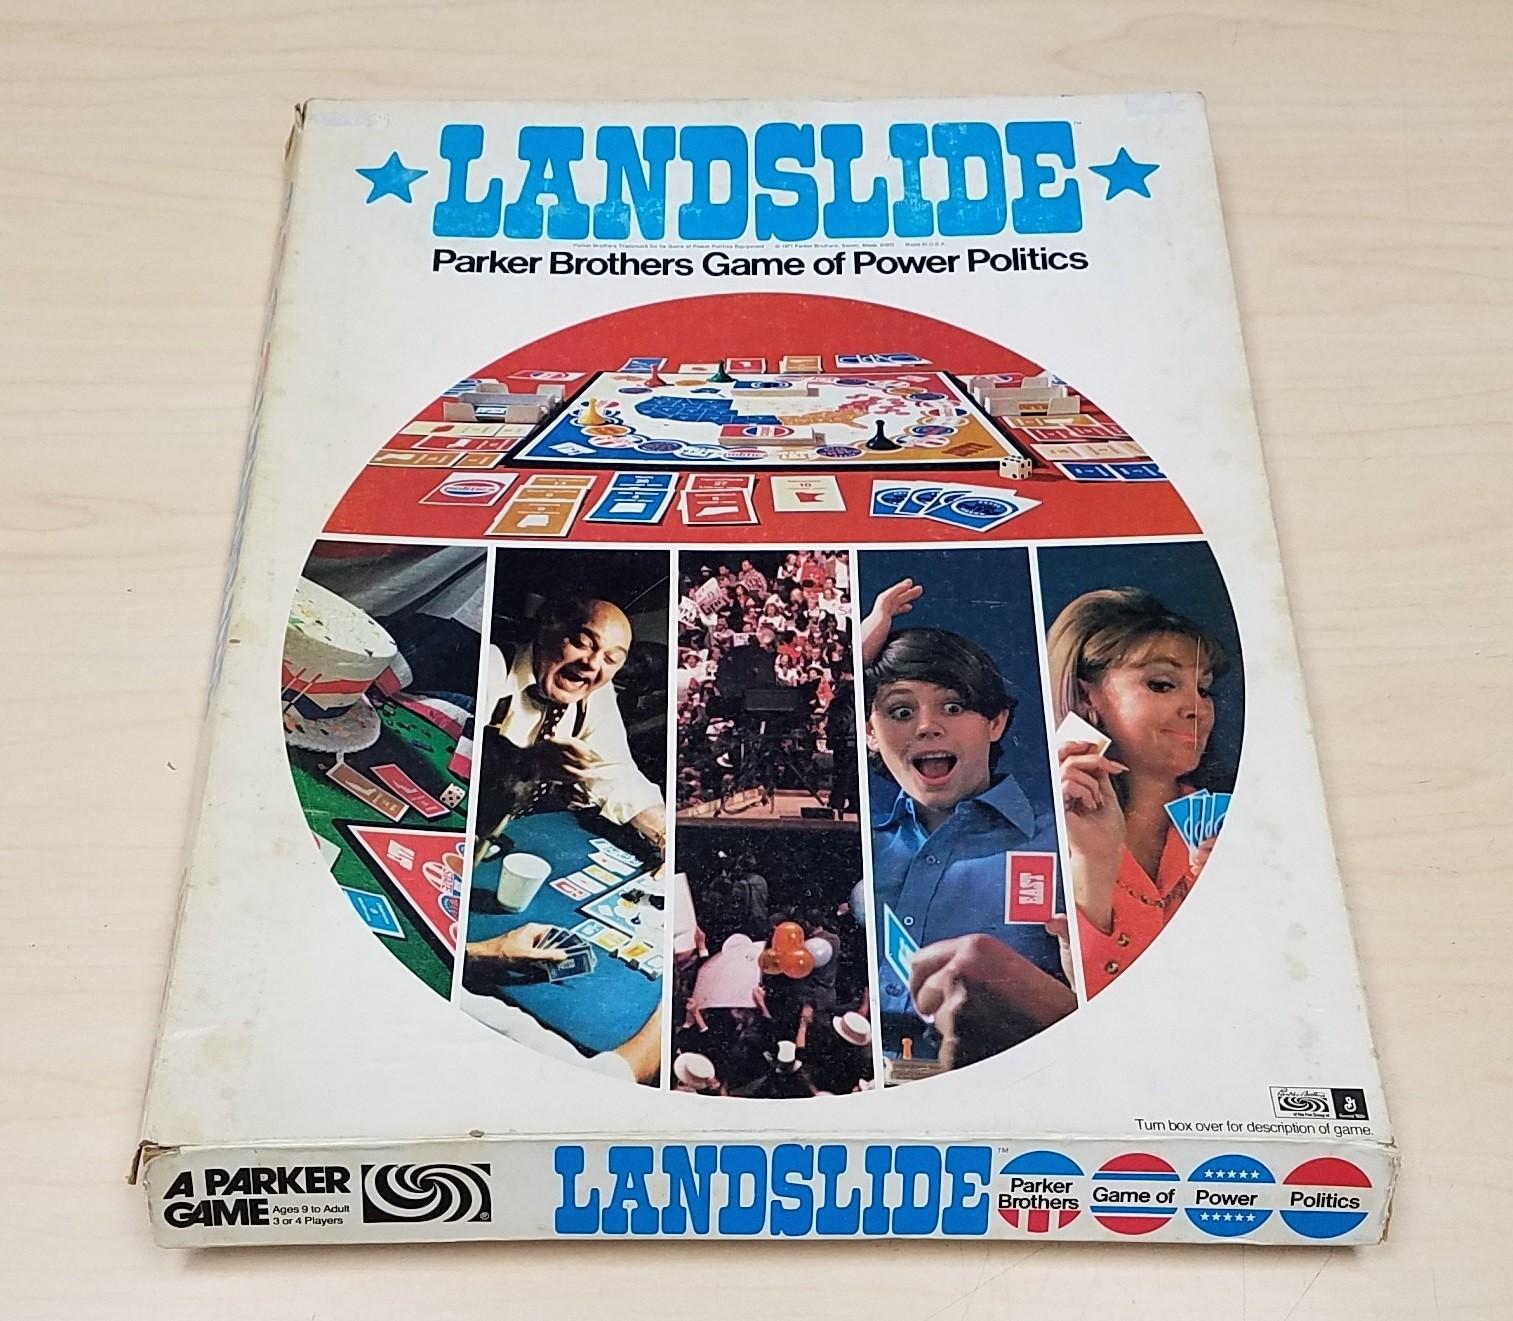 1971 LANDSLIDE Parker Brothers Game of Power Politics 100% Complete